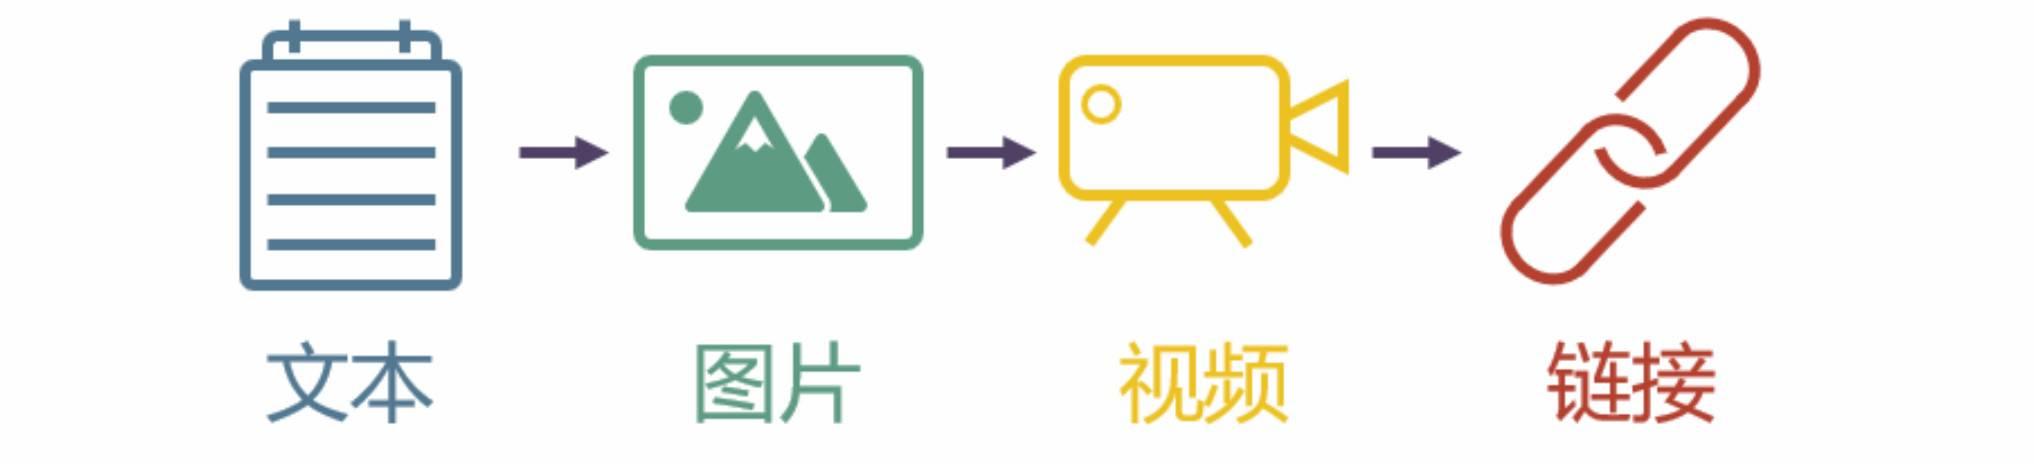 鸟哥笔记,新媒体运营,腾讯技术工程,微信,内容营销,广告